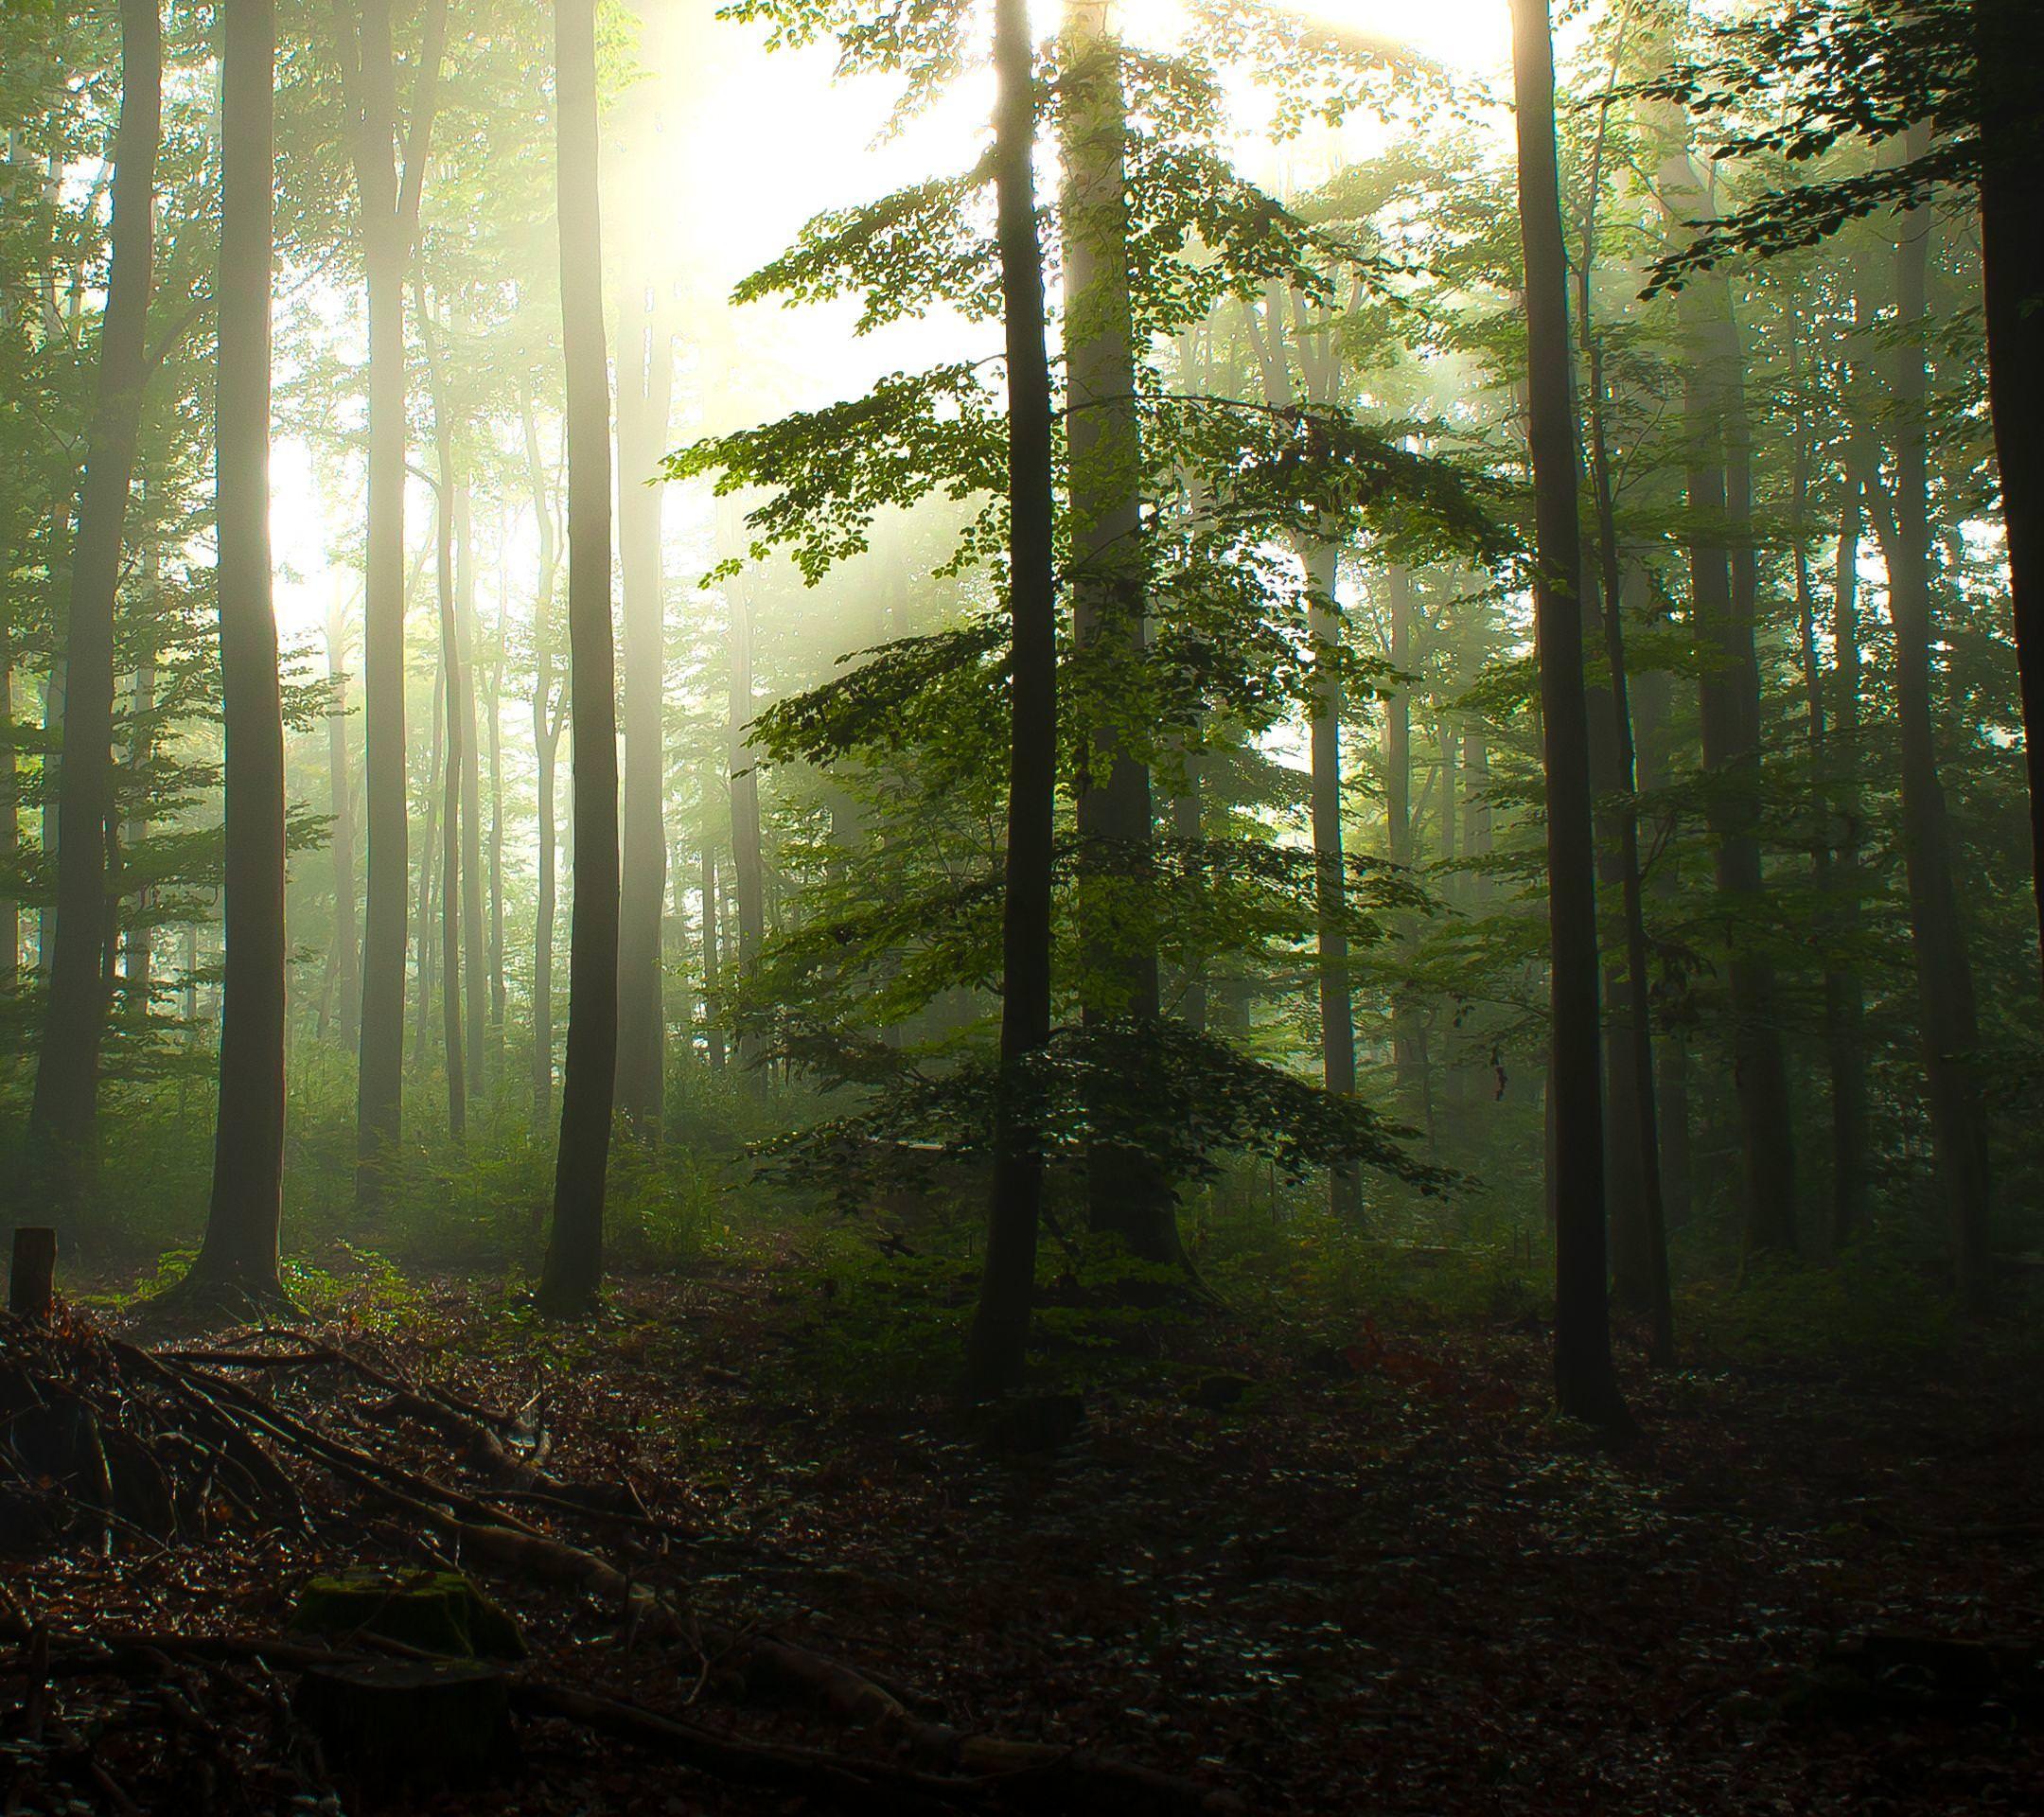 森林 Android壁紙